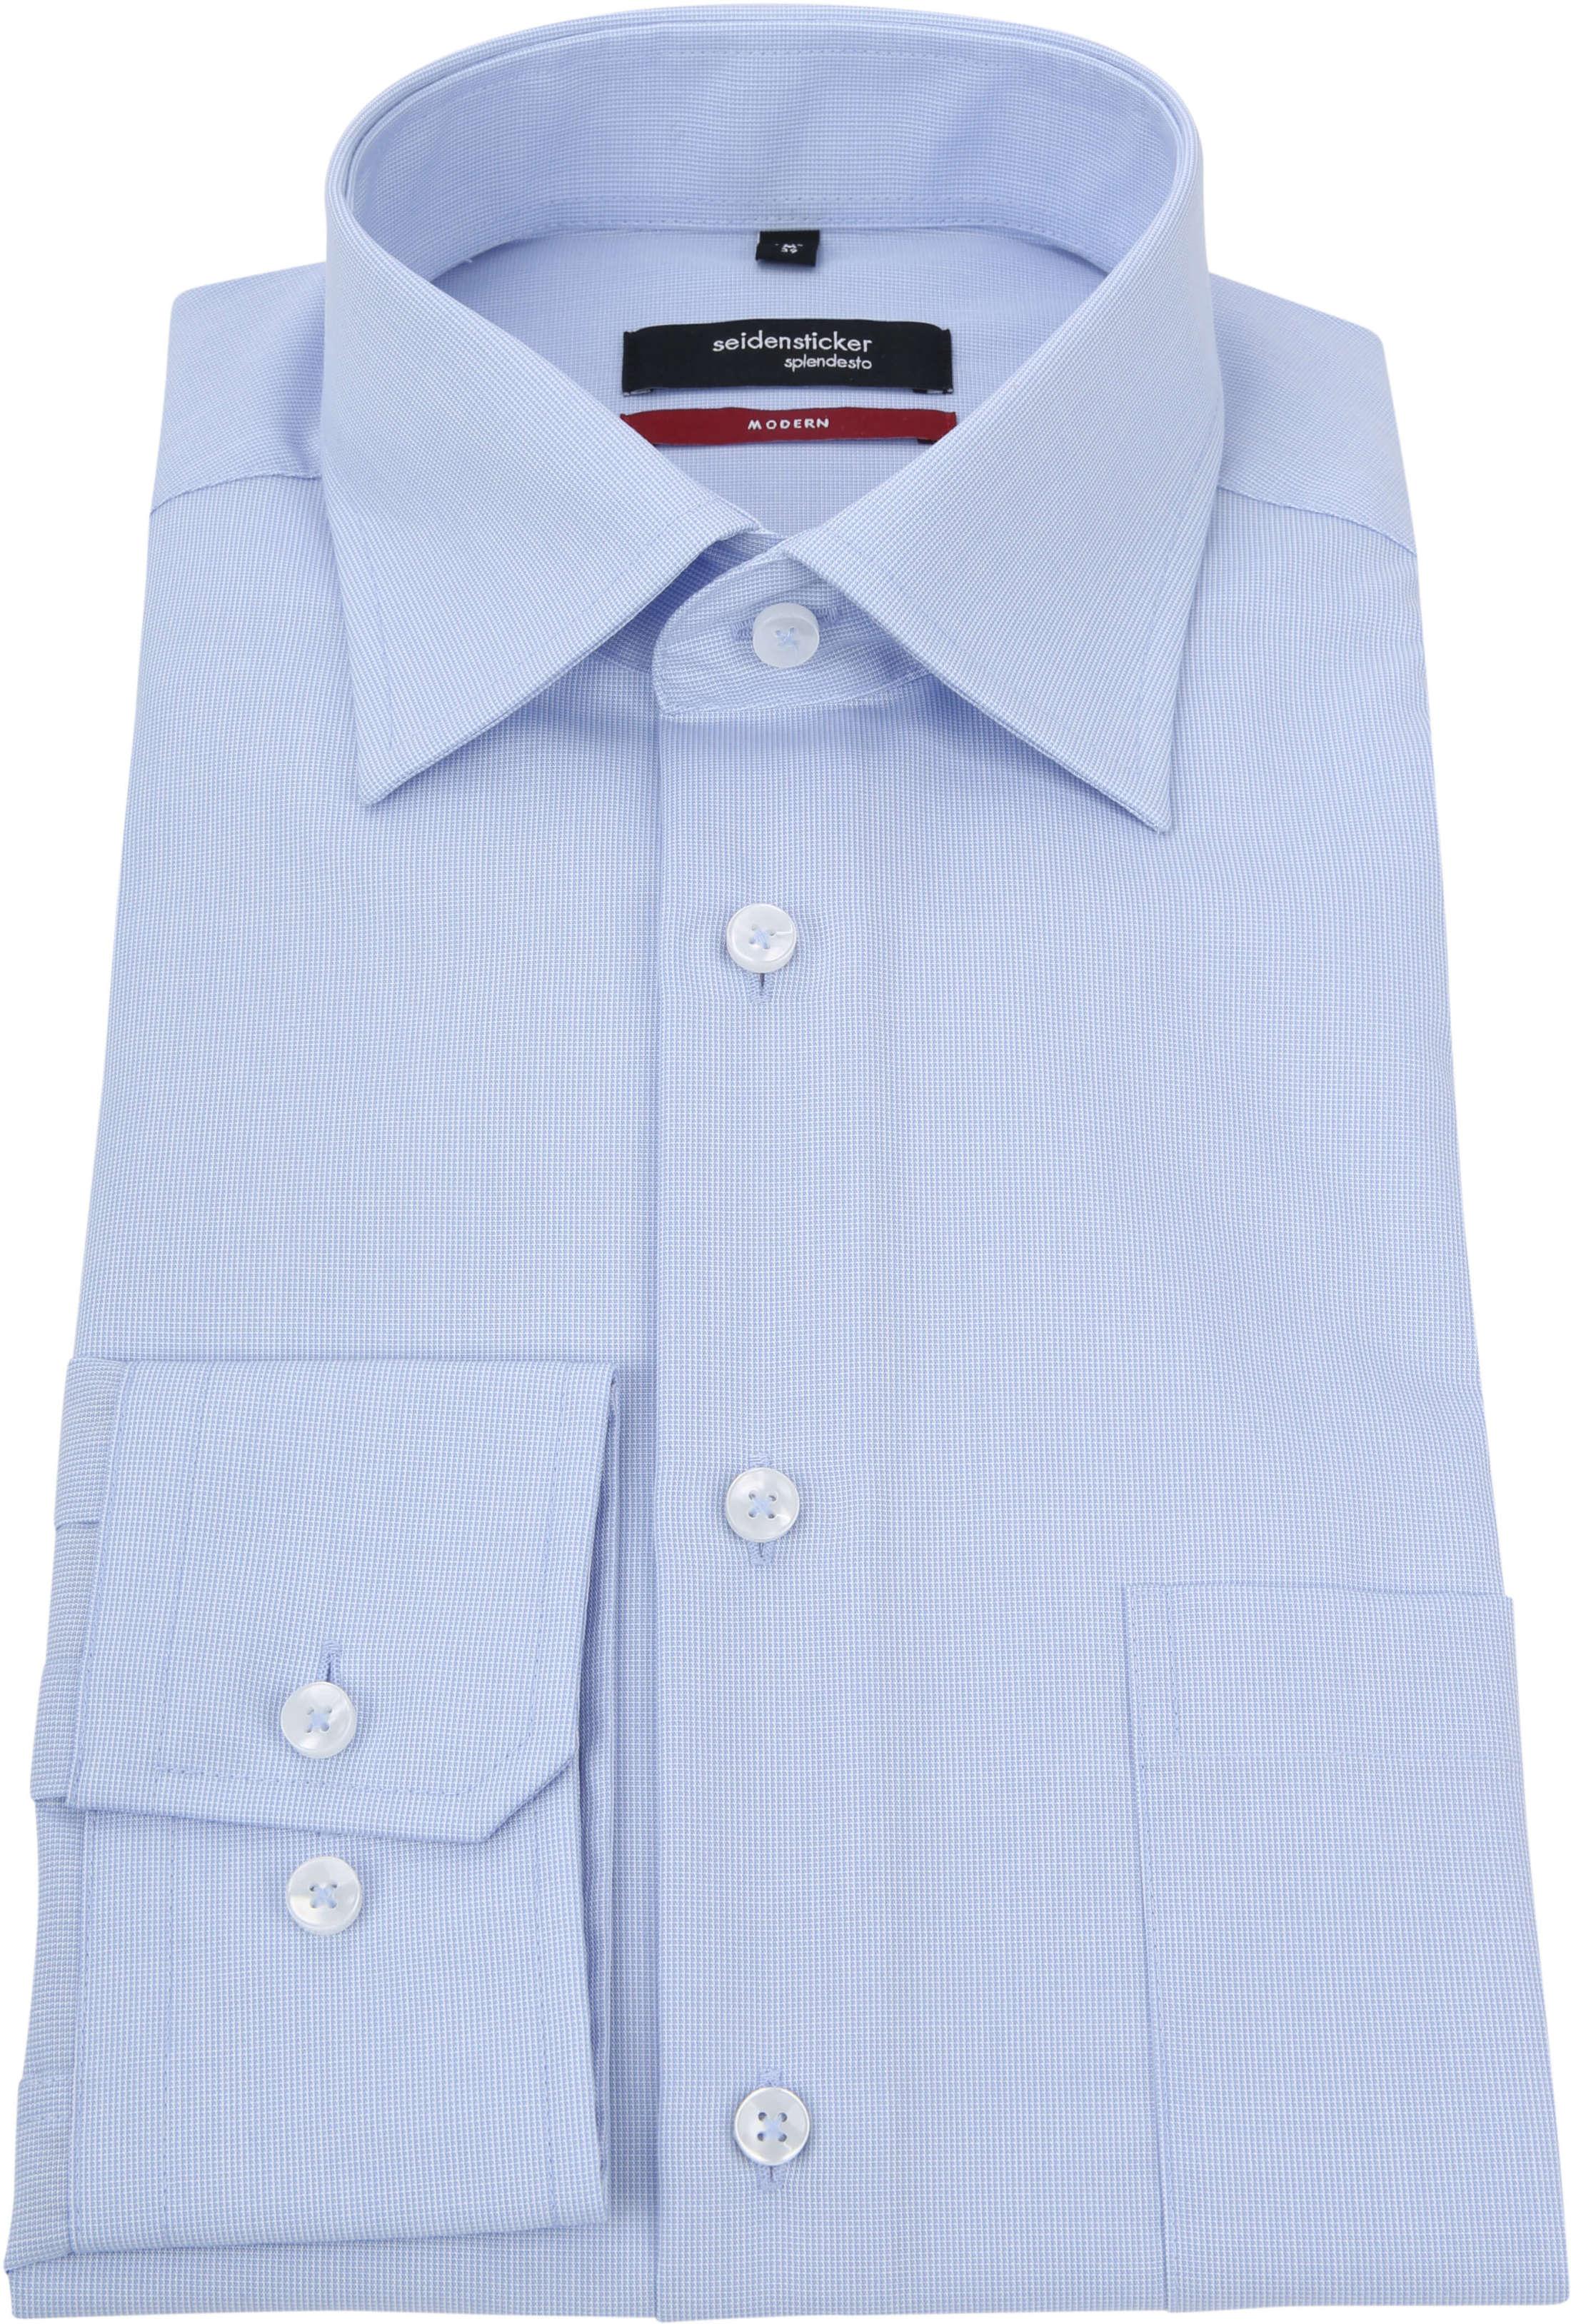 Seidensticker Splendesto Overhemd Lichtblauw foto 2